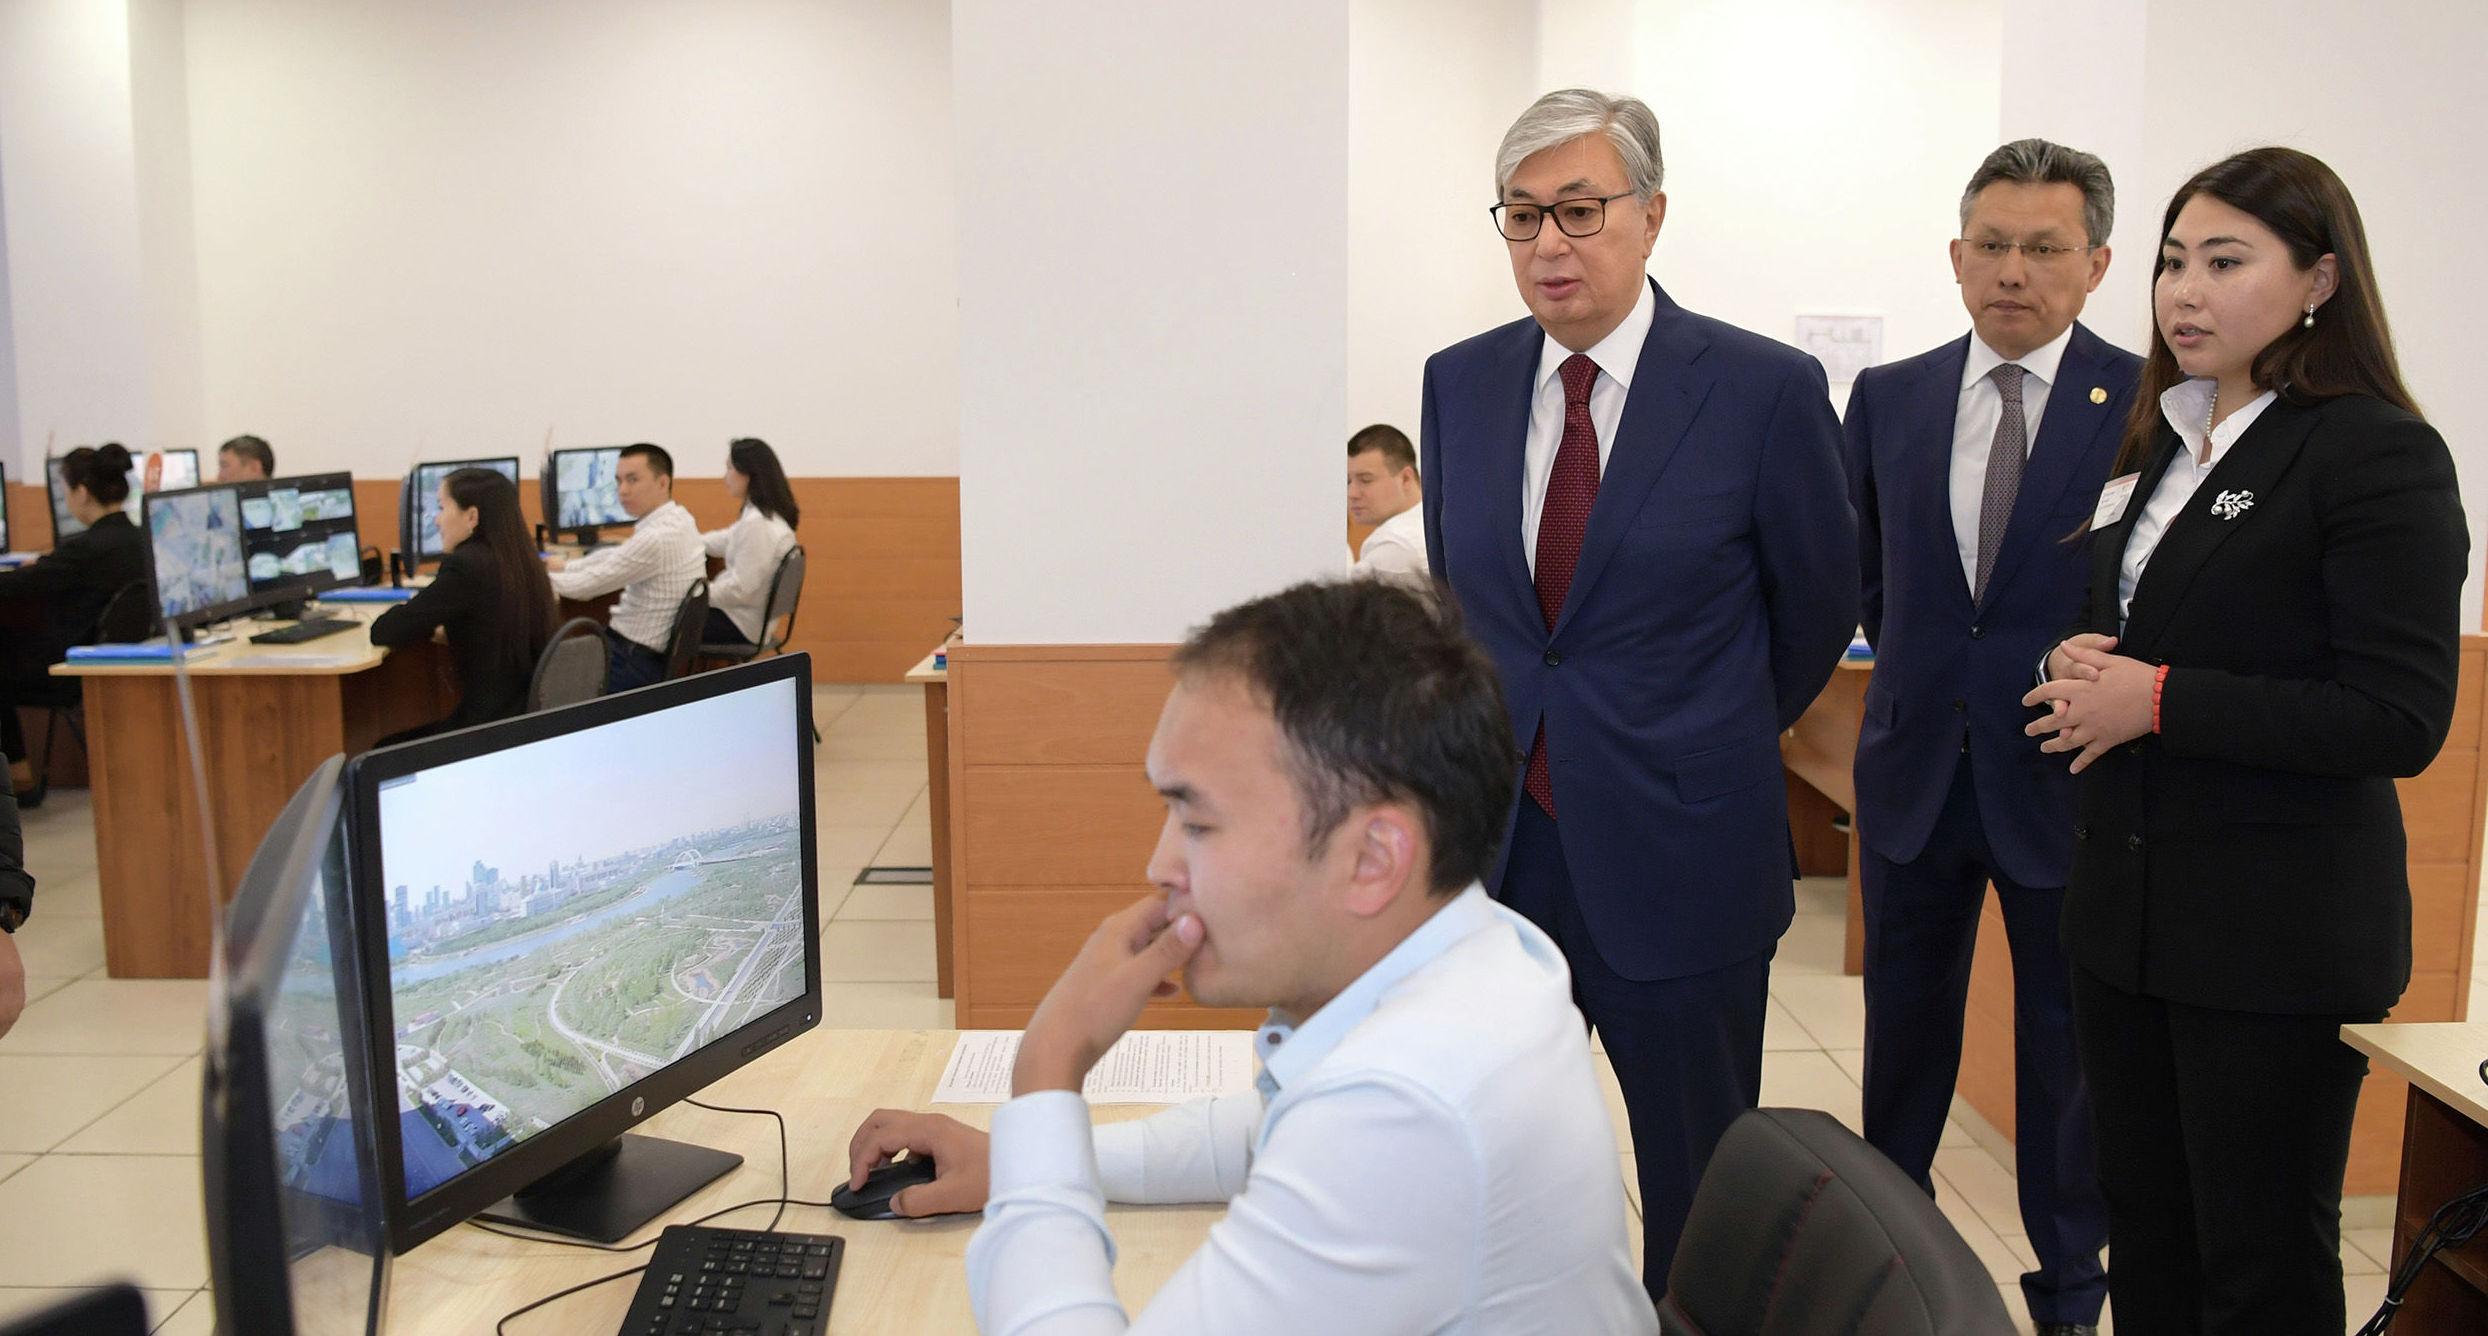 Президент Казахстана Касым-Жомарт Токаев ознакомился с работой столичного центра мониторинга и оперативного реагирования IKomek109